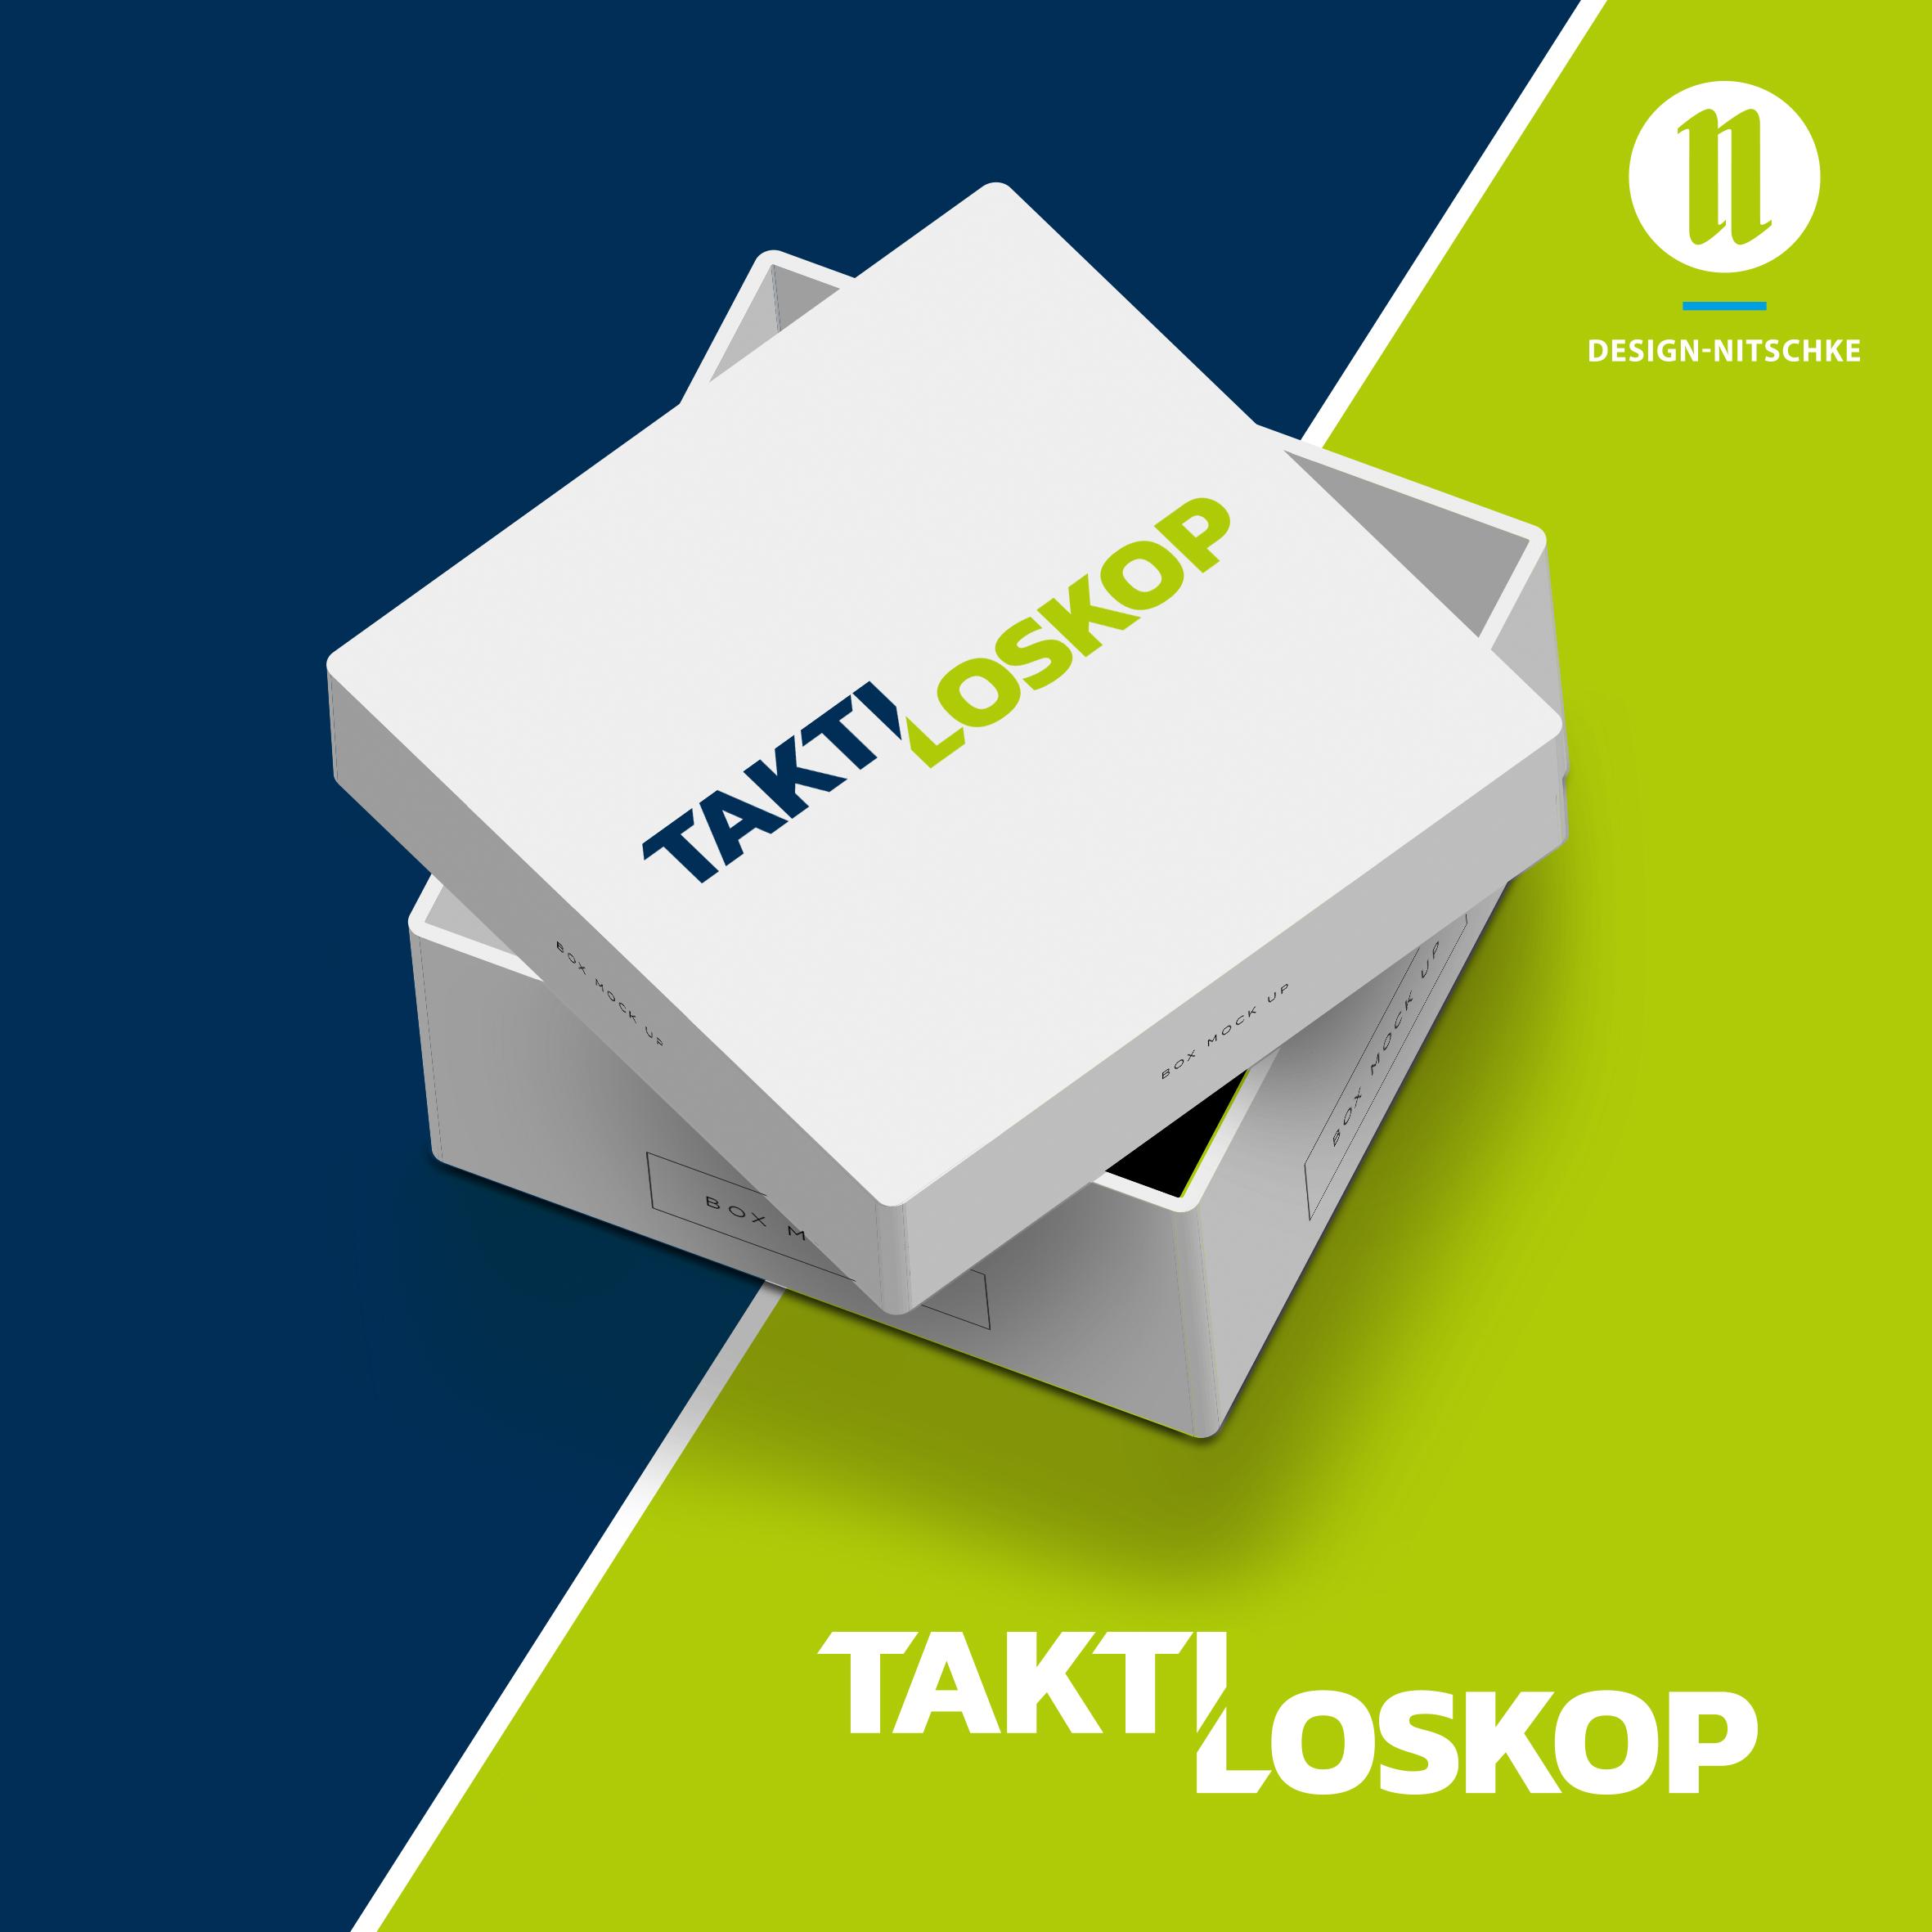 logo_design_ci_oranienburg_werbeagentur_dentallabor_taktiloskop_birkholz_und_mohns_gruen_blau_weiss.jpg